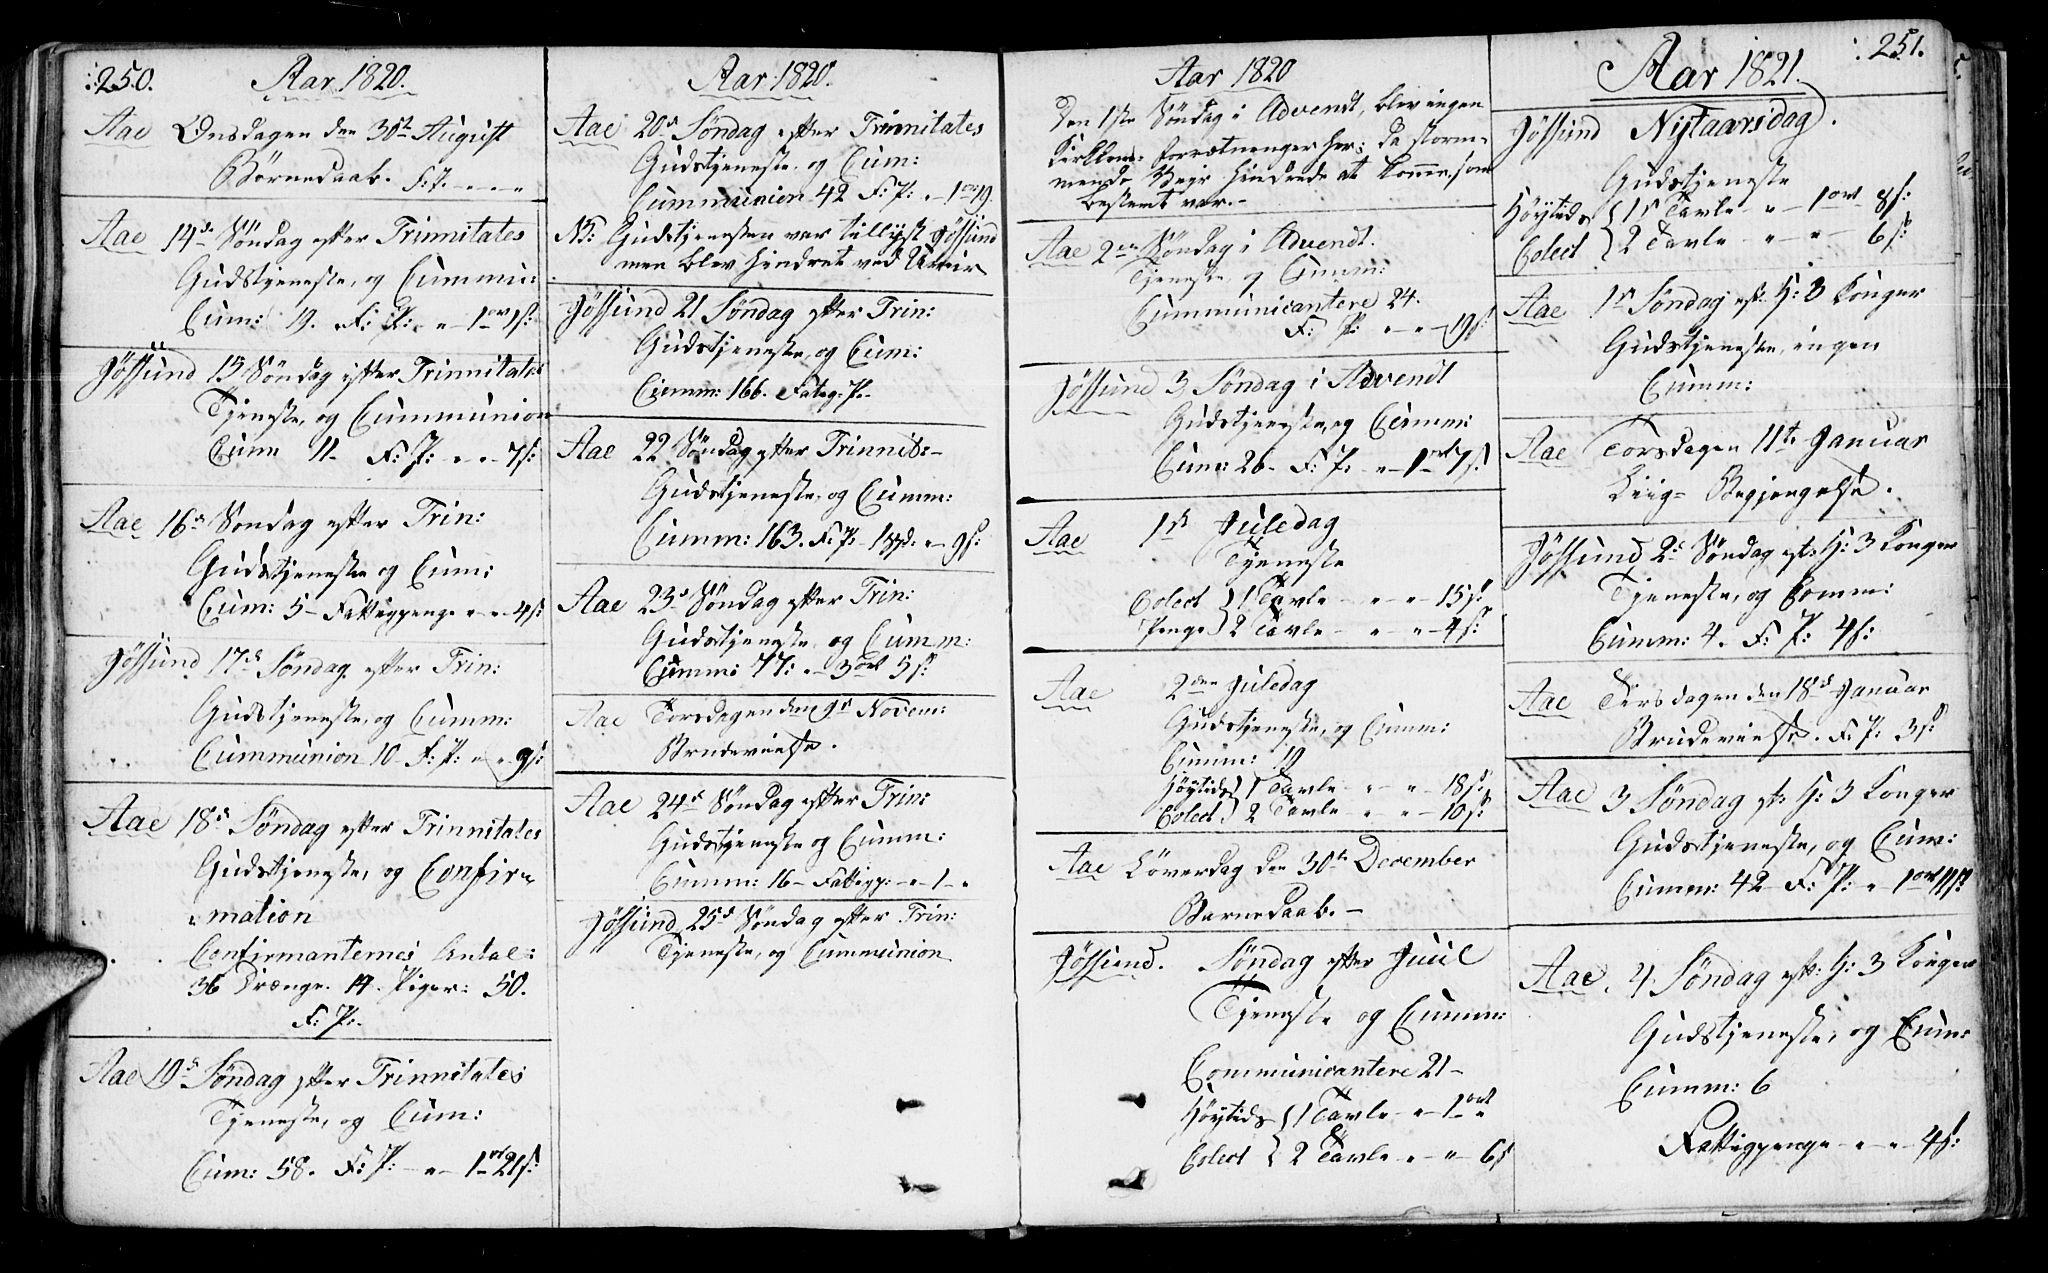 SAT, Ministerialprotokoller, klokkerbøker og fødselsregistre - Sør-Trøndelag, 655/L0674: Ministerialbok nr. 655A03, 1802-1826, s. 250-251